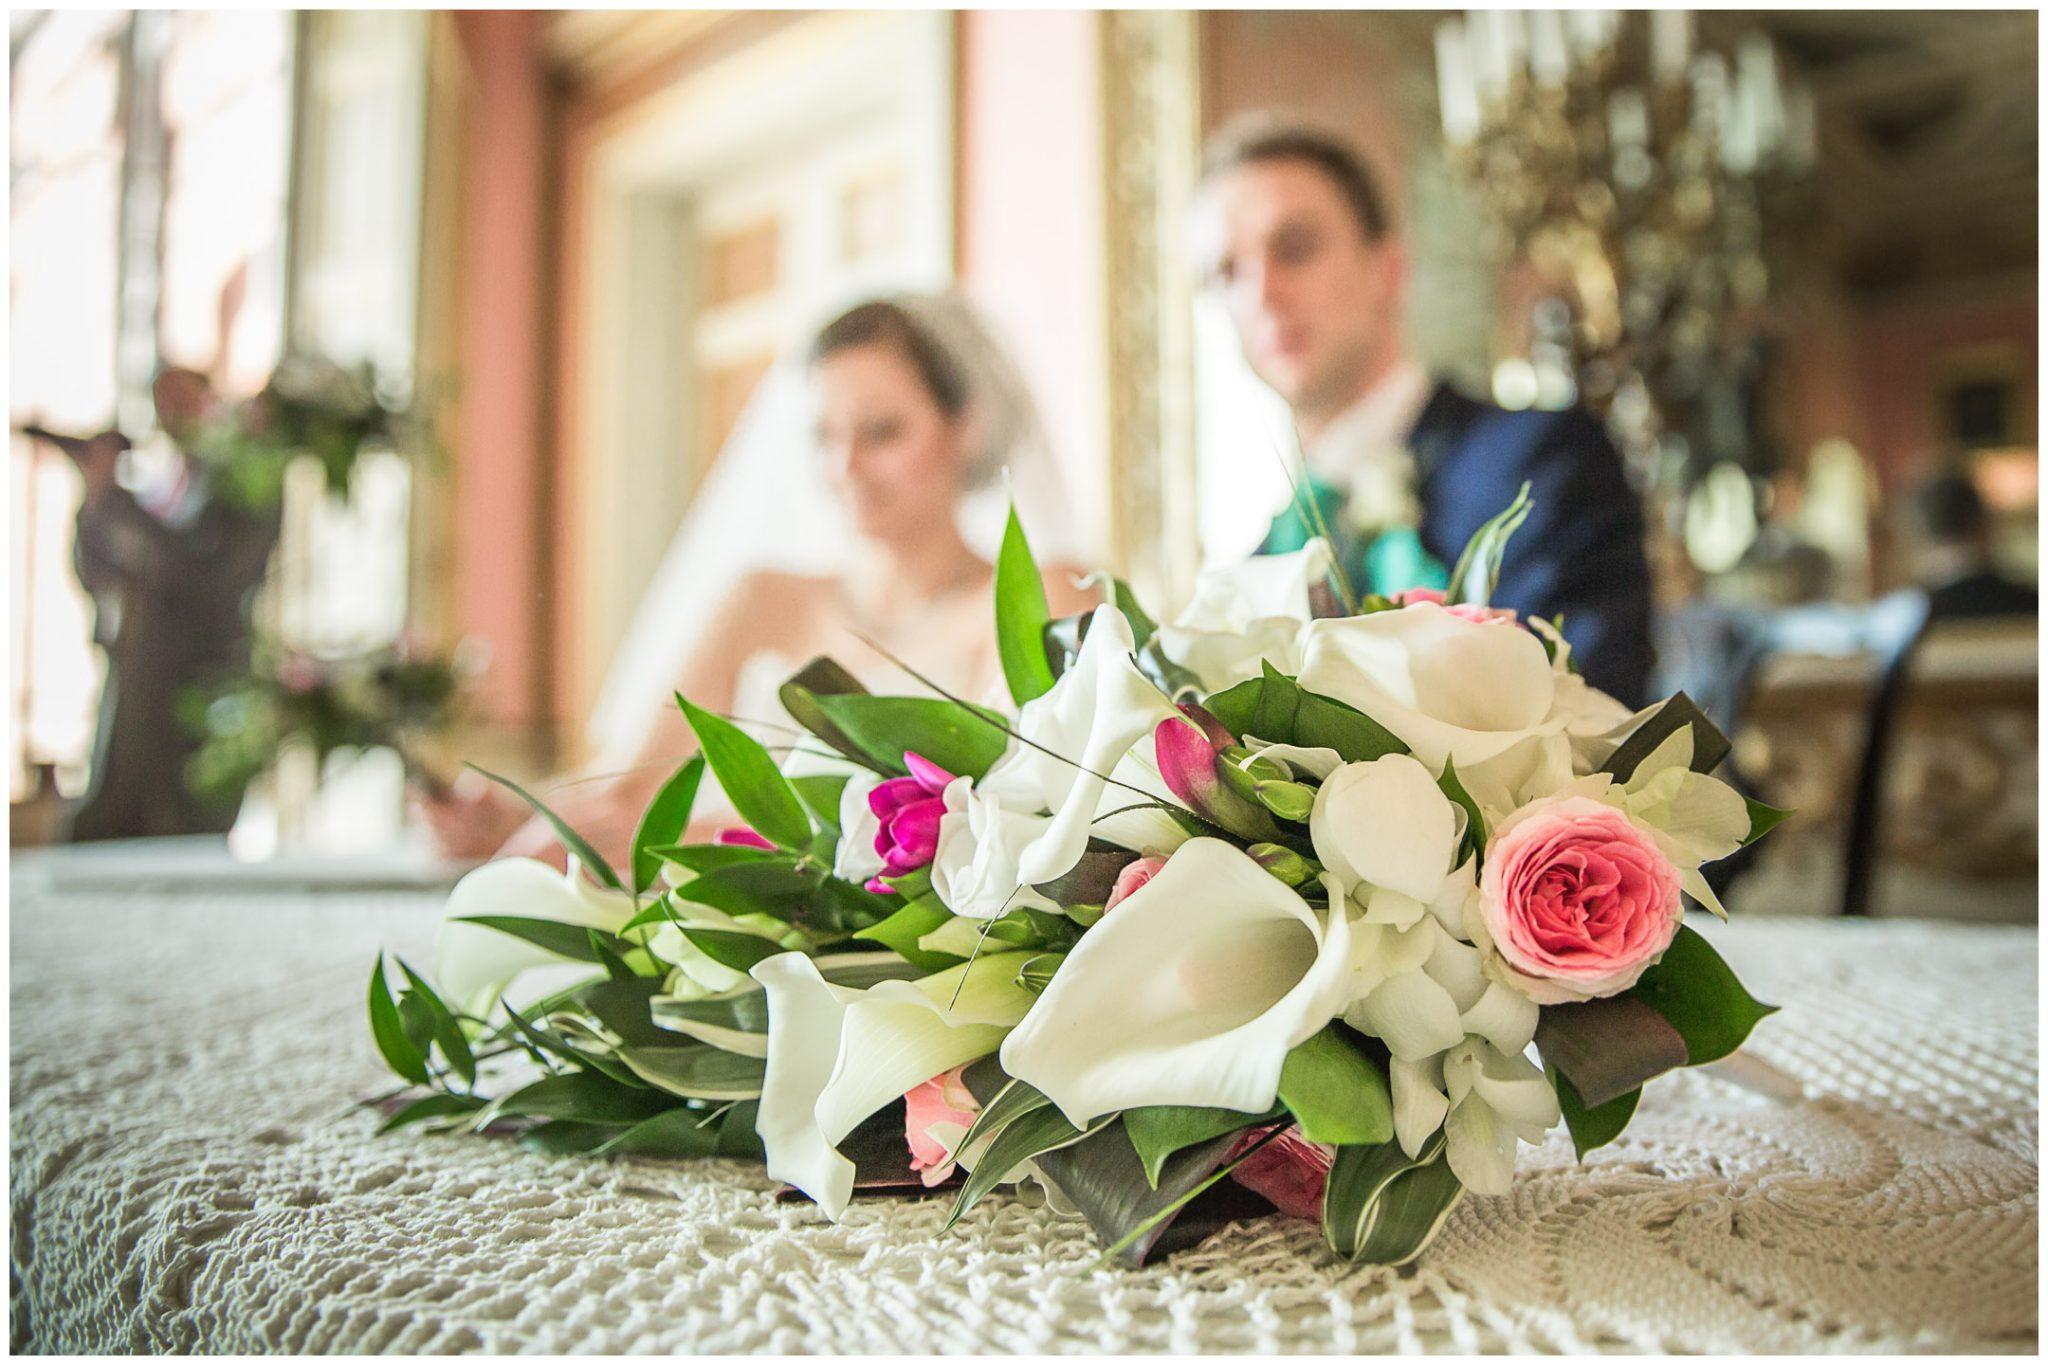 Avington Park wedding photography bouquet detail